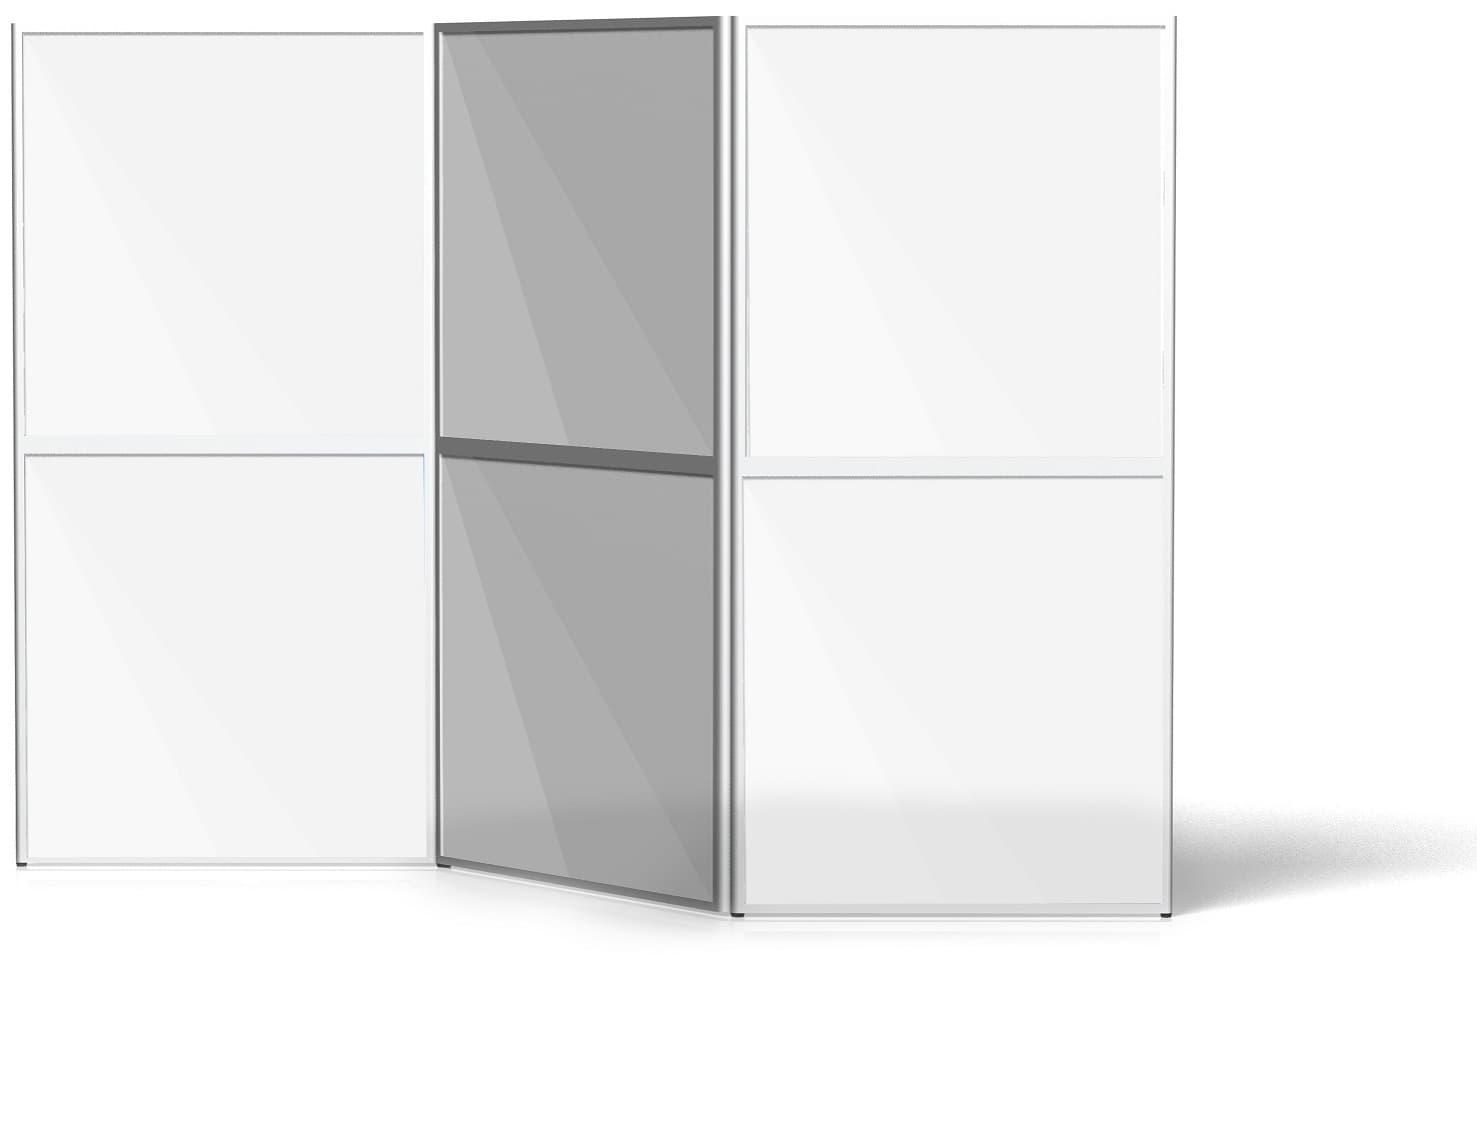 Ochranná dělící stěna EUROframe 6